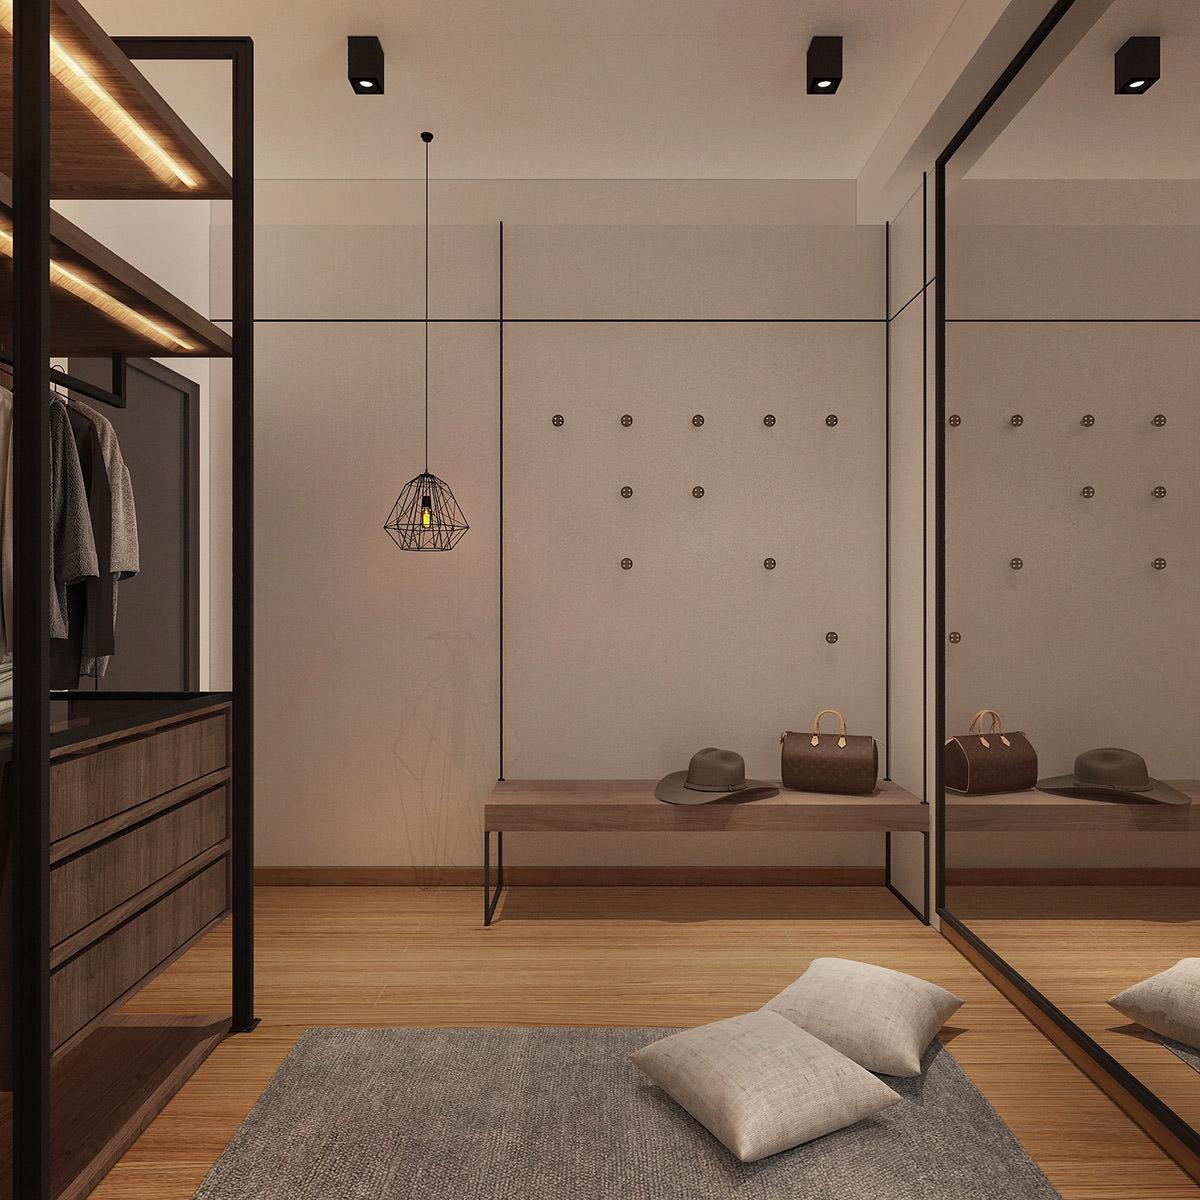 Индустриальный и уютный: Фотообзор современного дизайна